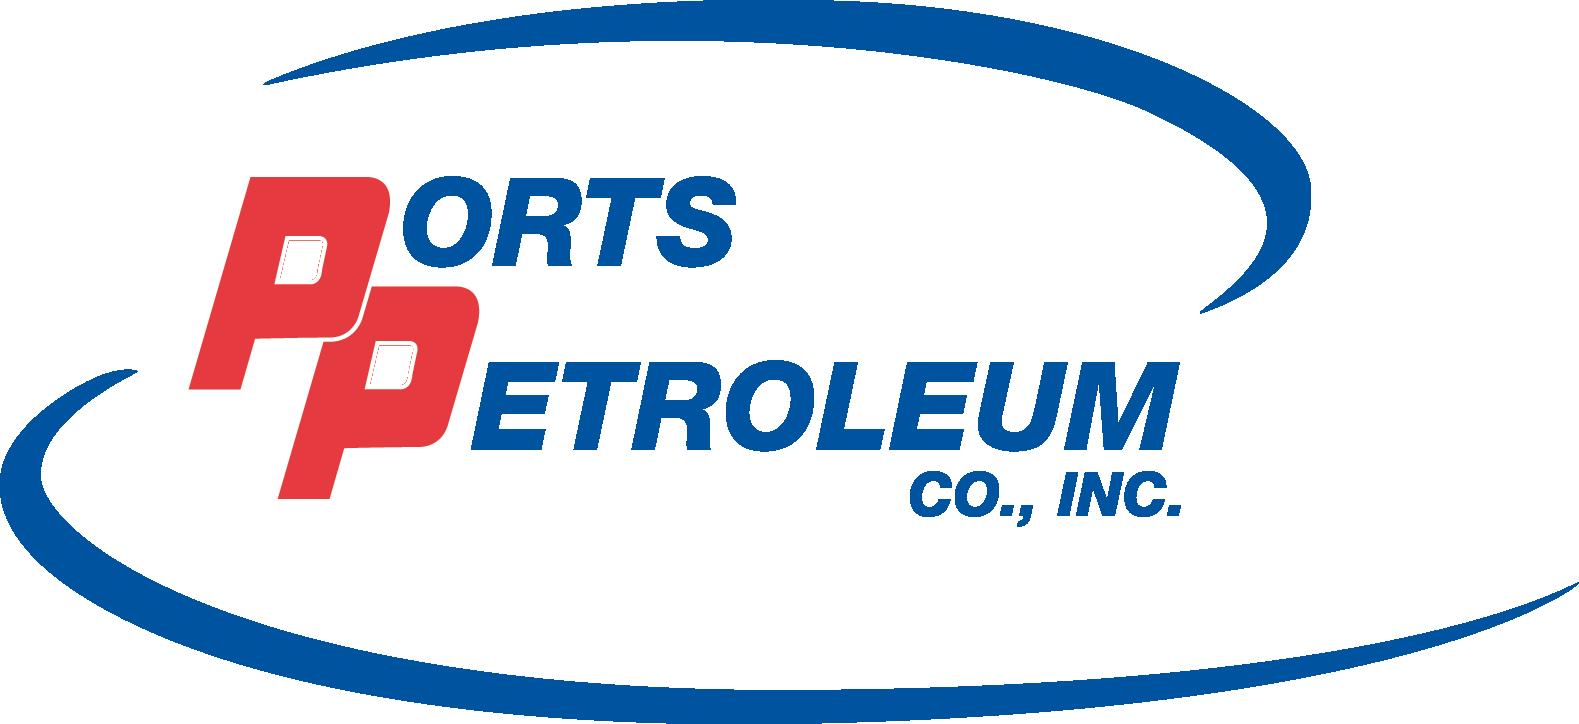 Ports Petroleum